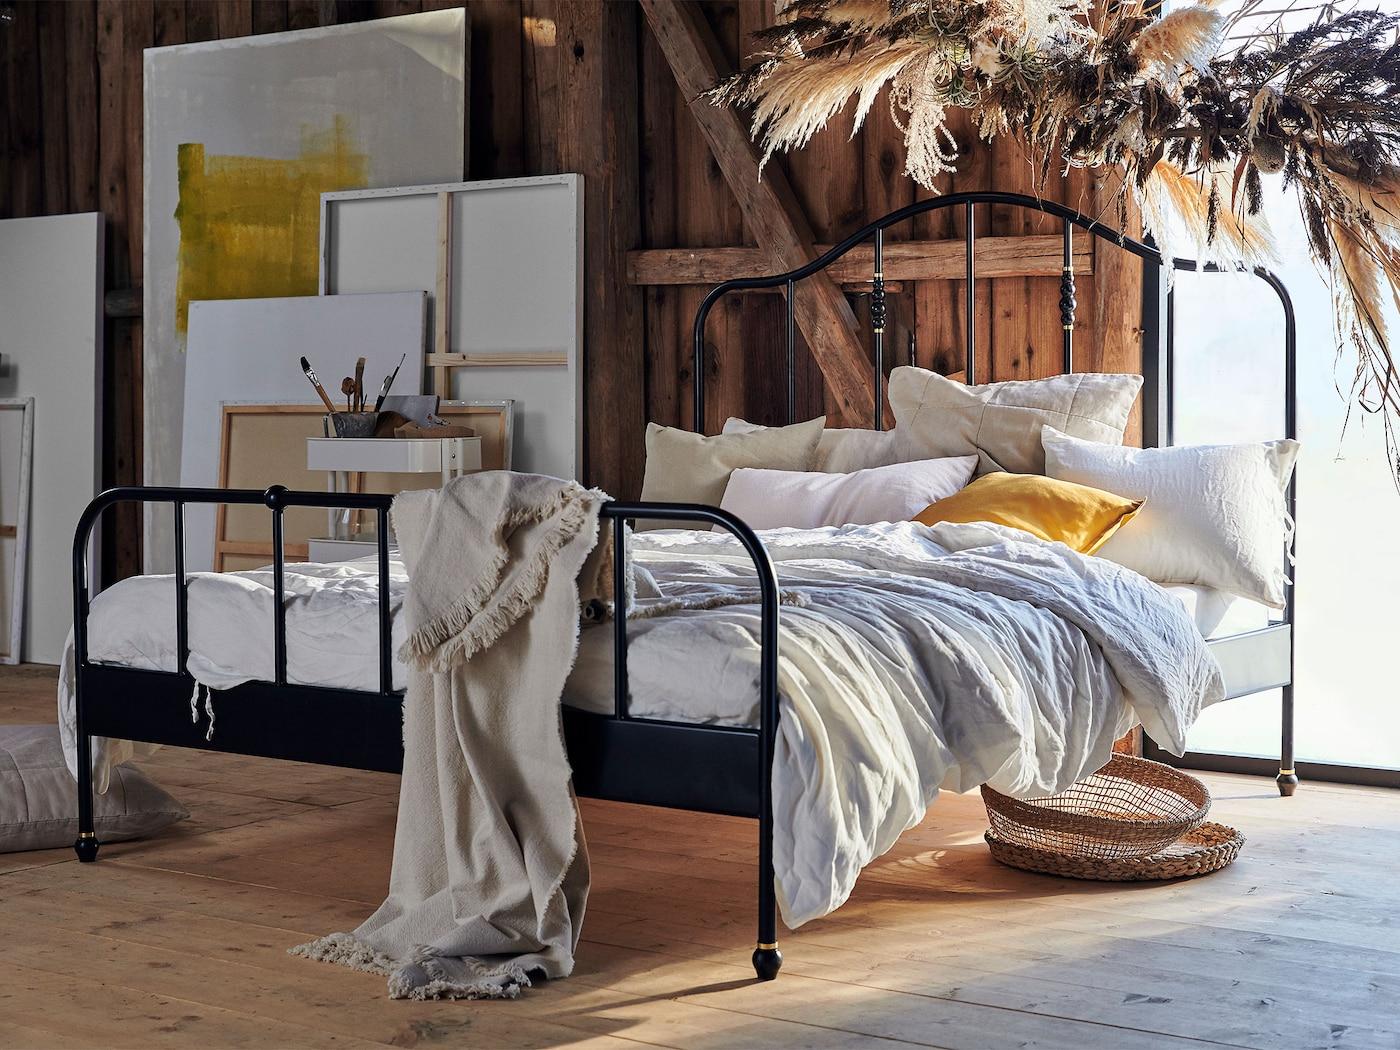 Kaareva ja ilmava SAGSTUA sänky, joka on tehty mustaksi maalatusta teräksestä, on kuvattu rustiikkisessa loft-asunnossa. Sängyssä on korkea pääty ja helposti yhdisteltävä ulkonäkö.